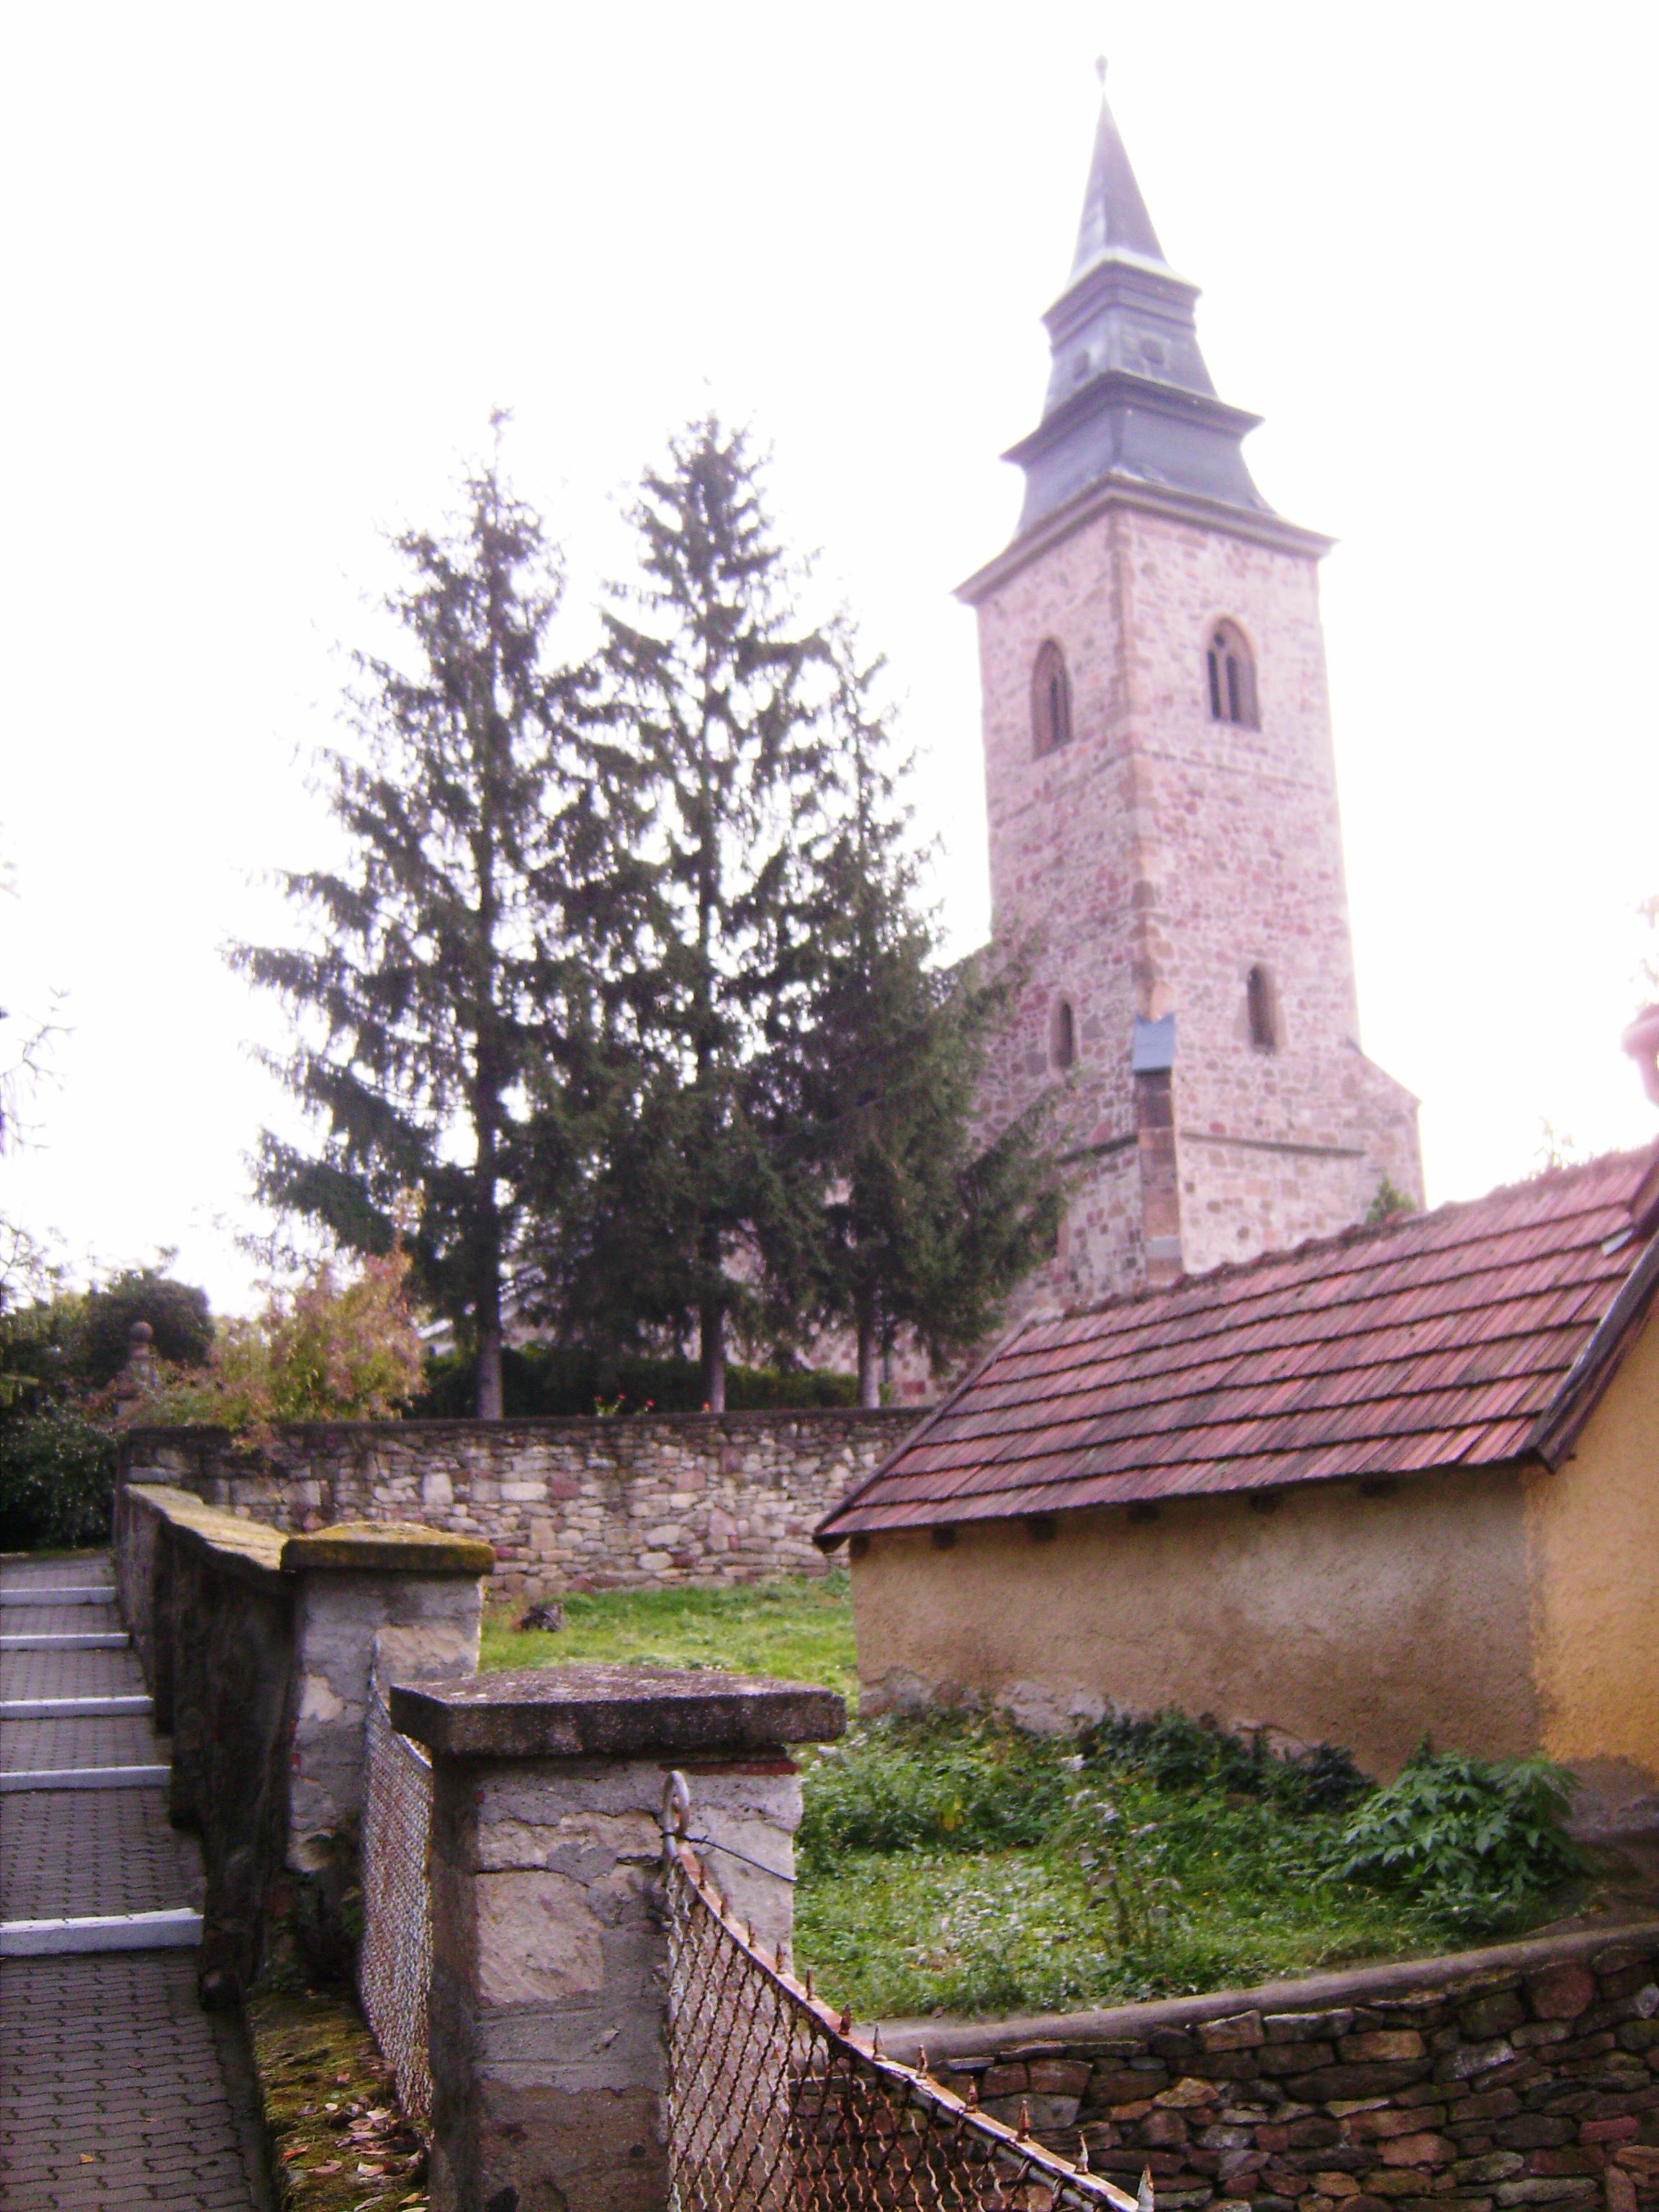 A község központjában áll a Szent Márton tiszteletére szentelt római katolikus templom, amely a helyben bányászott, faragott vöröses kőből épült.